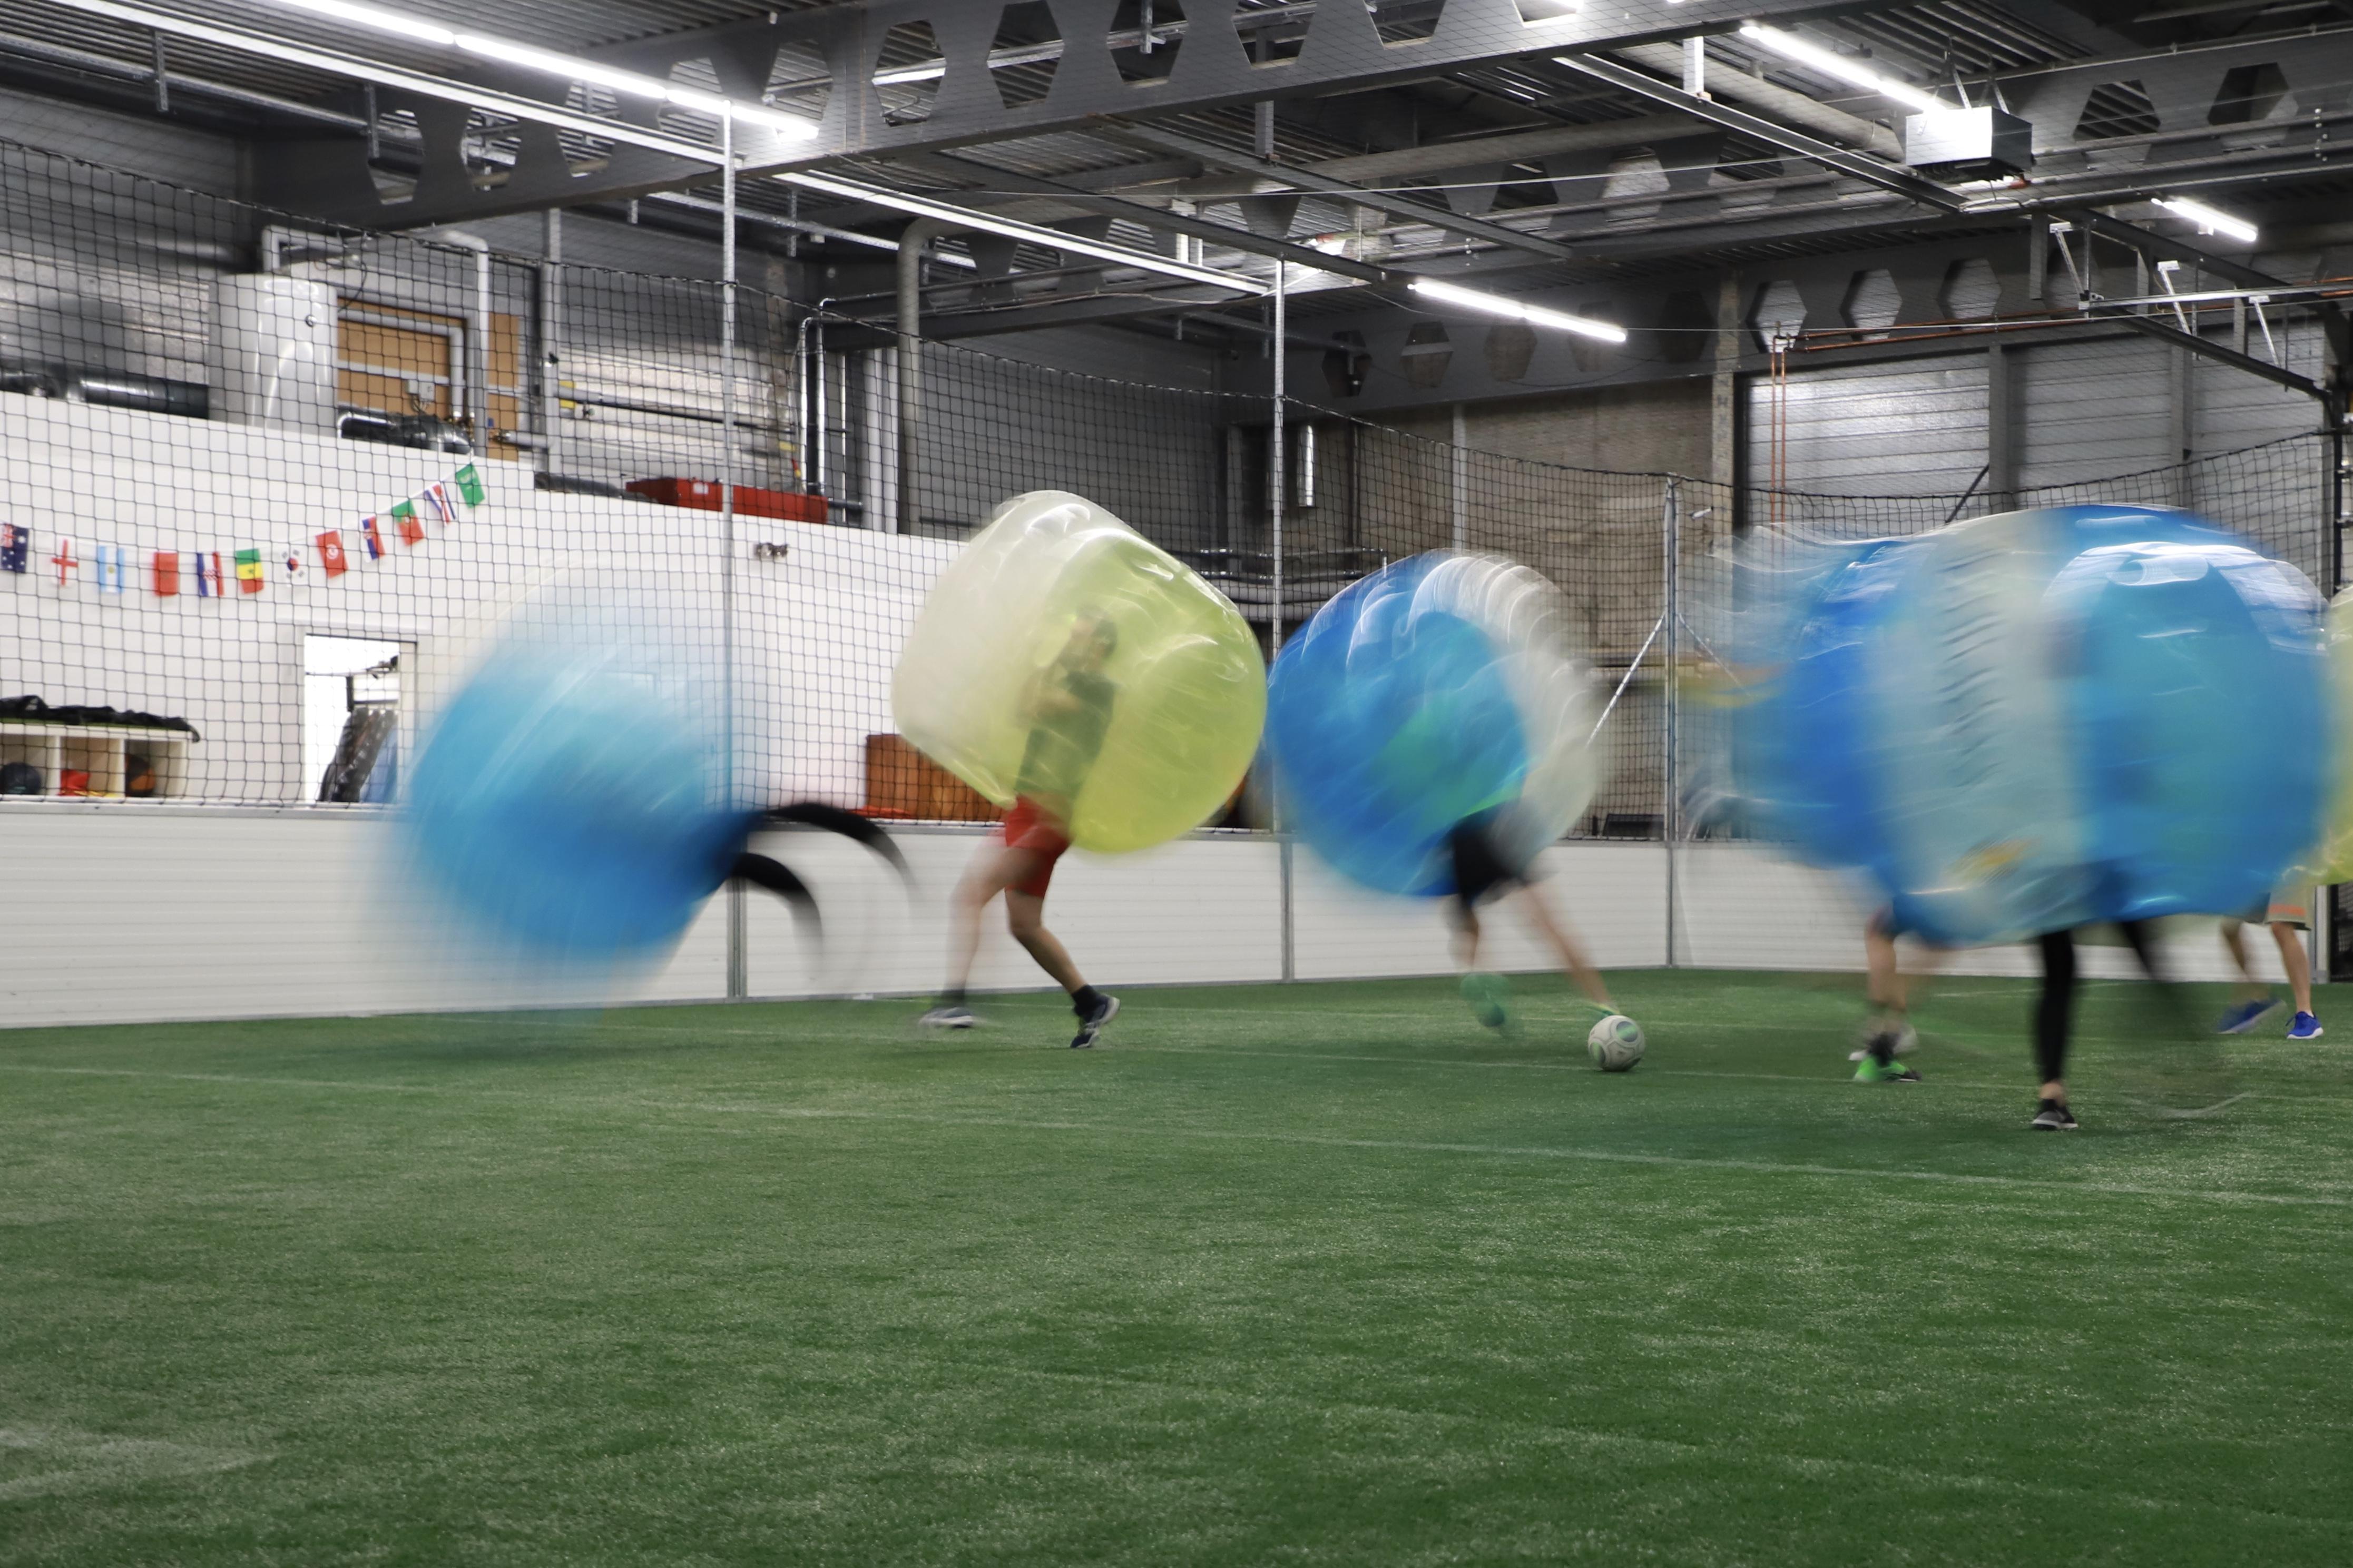 Bubble-Soccer Plausch